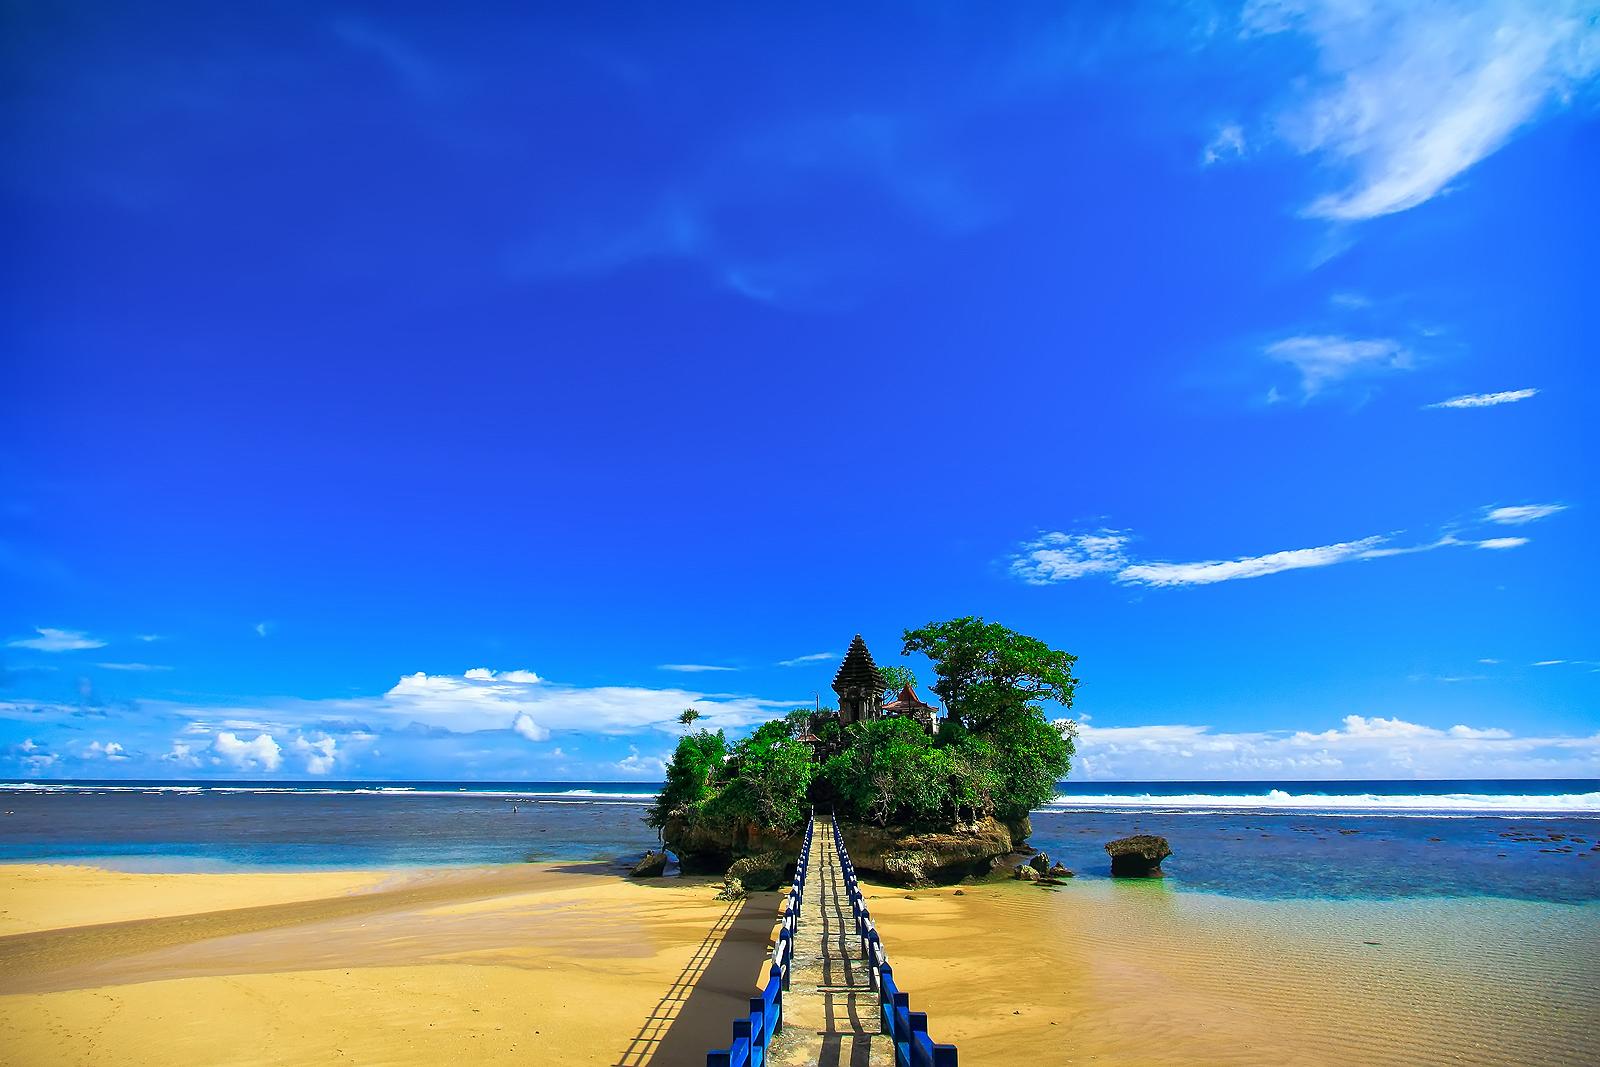 Pantai Indah Di Pesisir Selatan Kabupaten Malang Itu